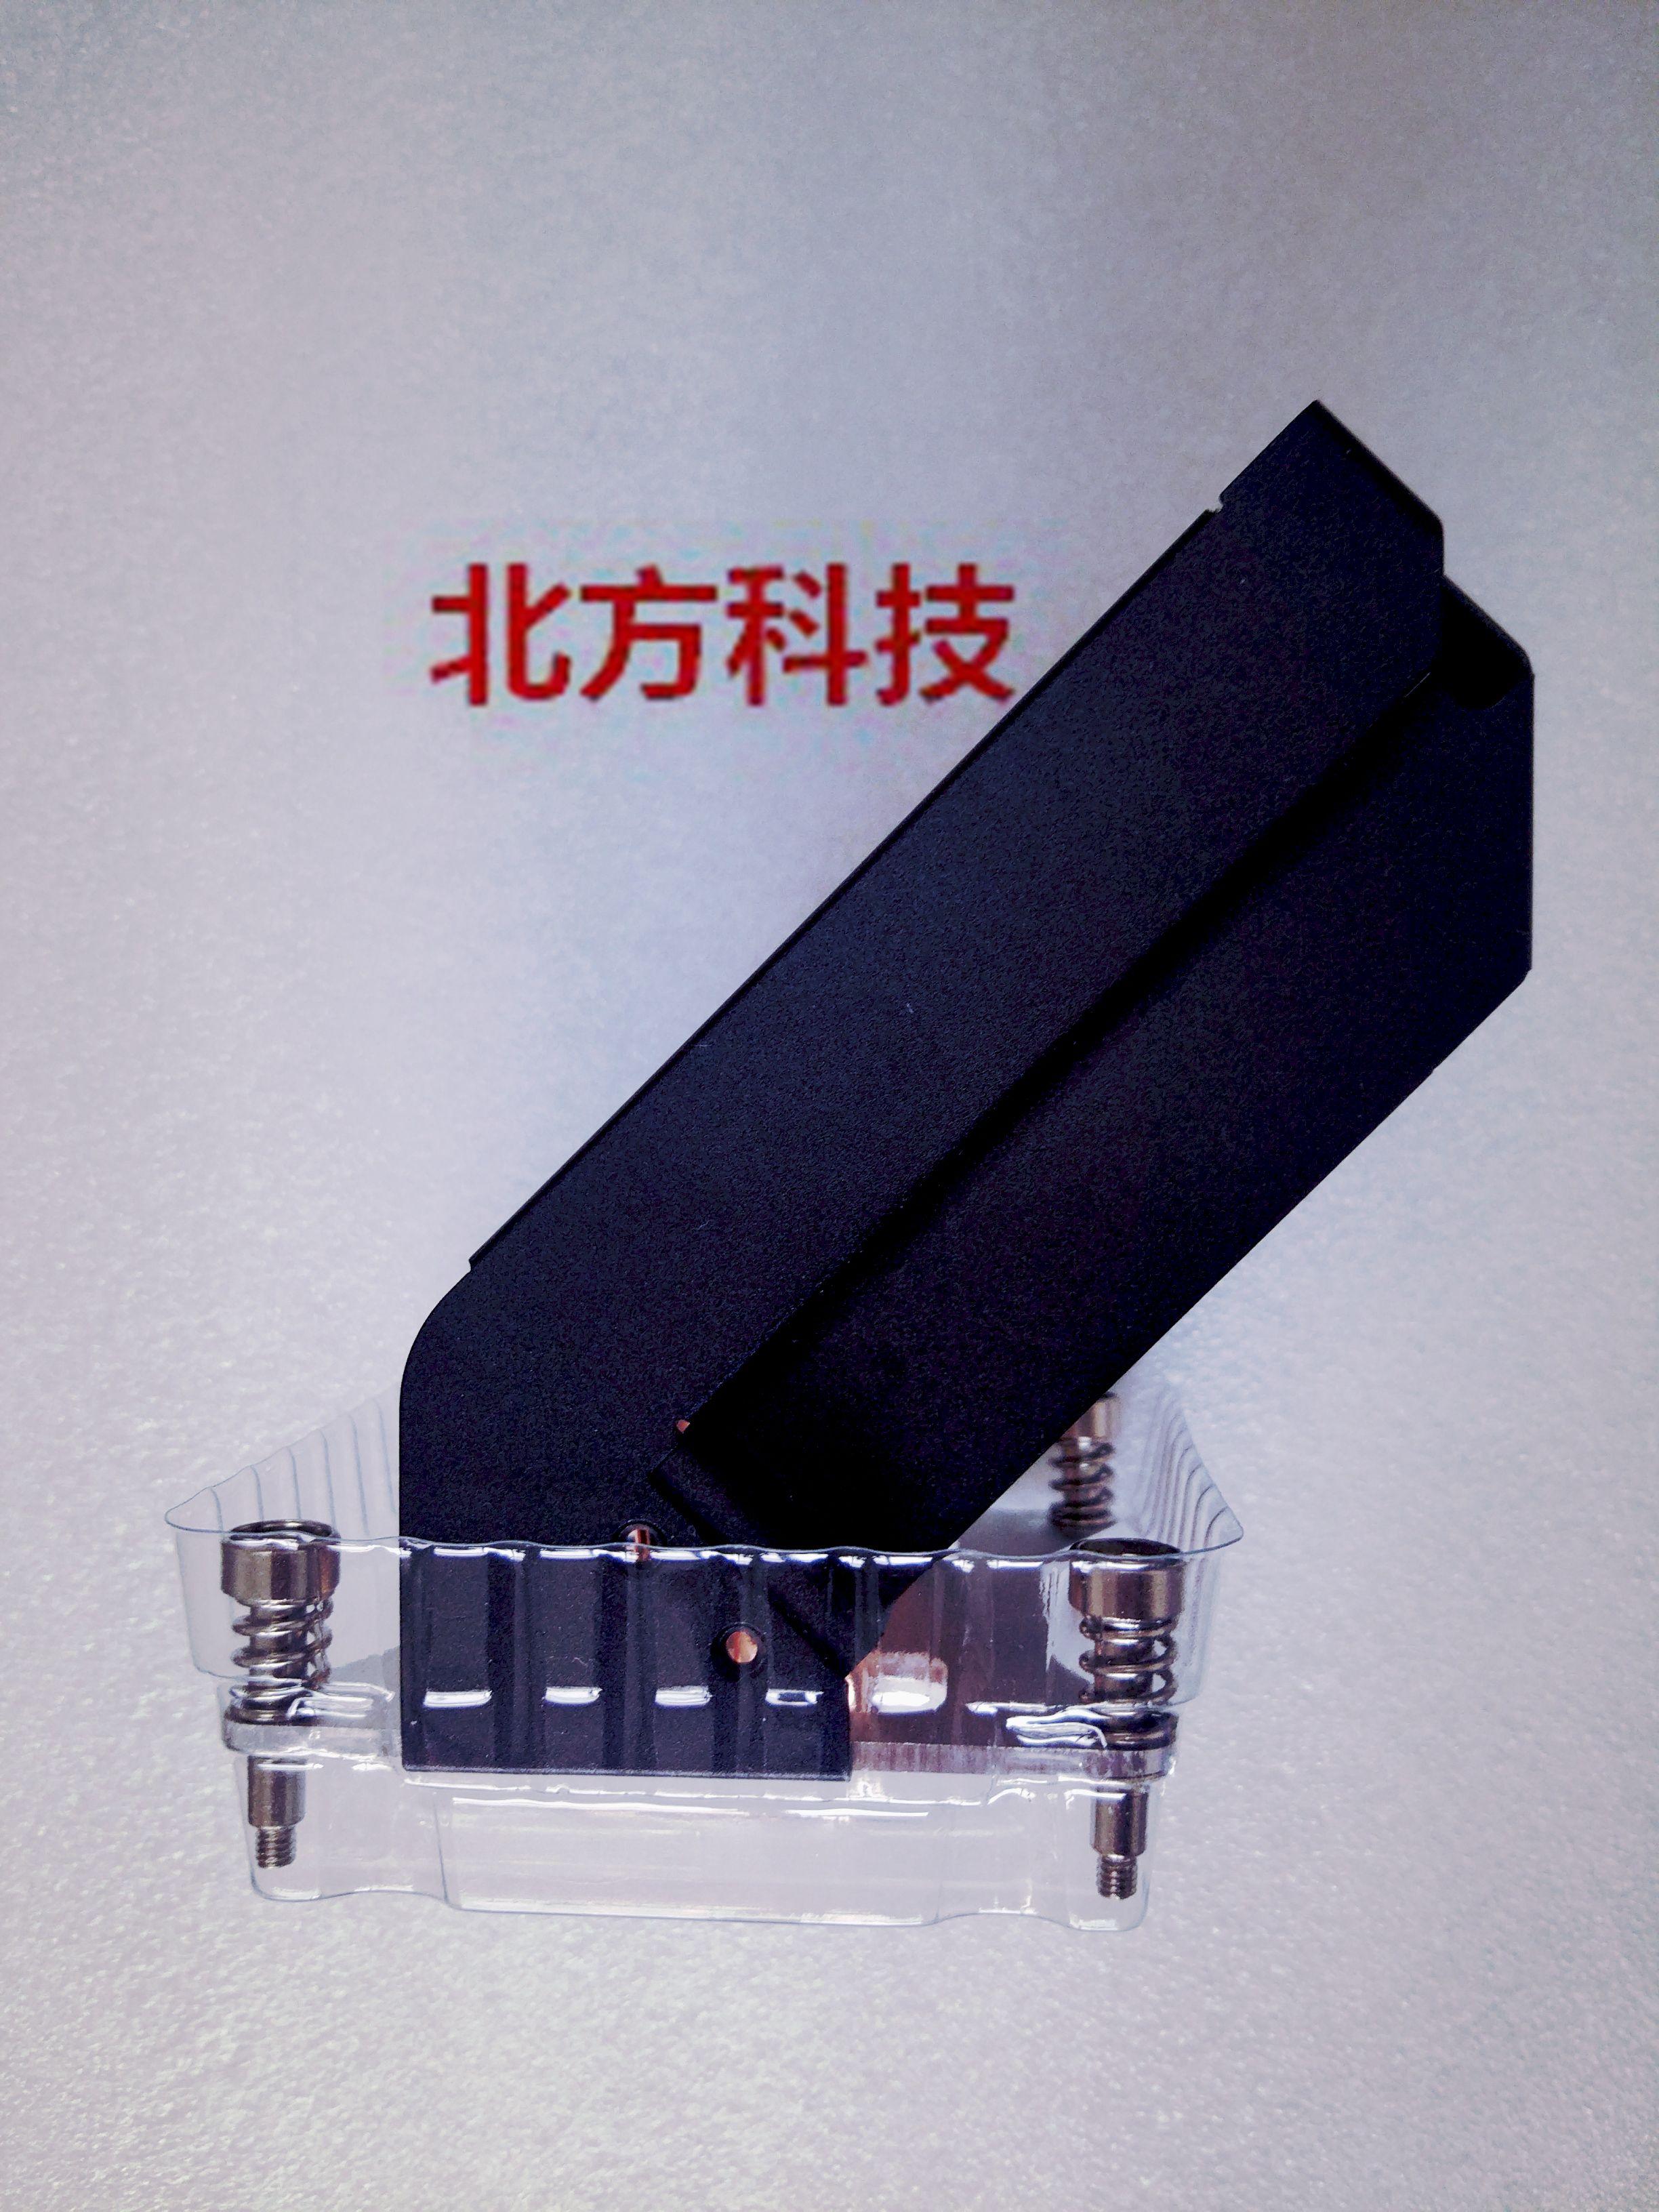 FOR HP Z840 Z820 workstation Server heat sink 749598-001 brand new for hp z820 z840 server heat sink workstation 749598 001 cooling fan 647113 001